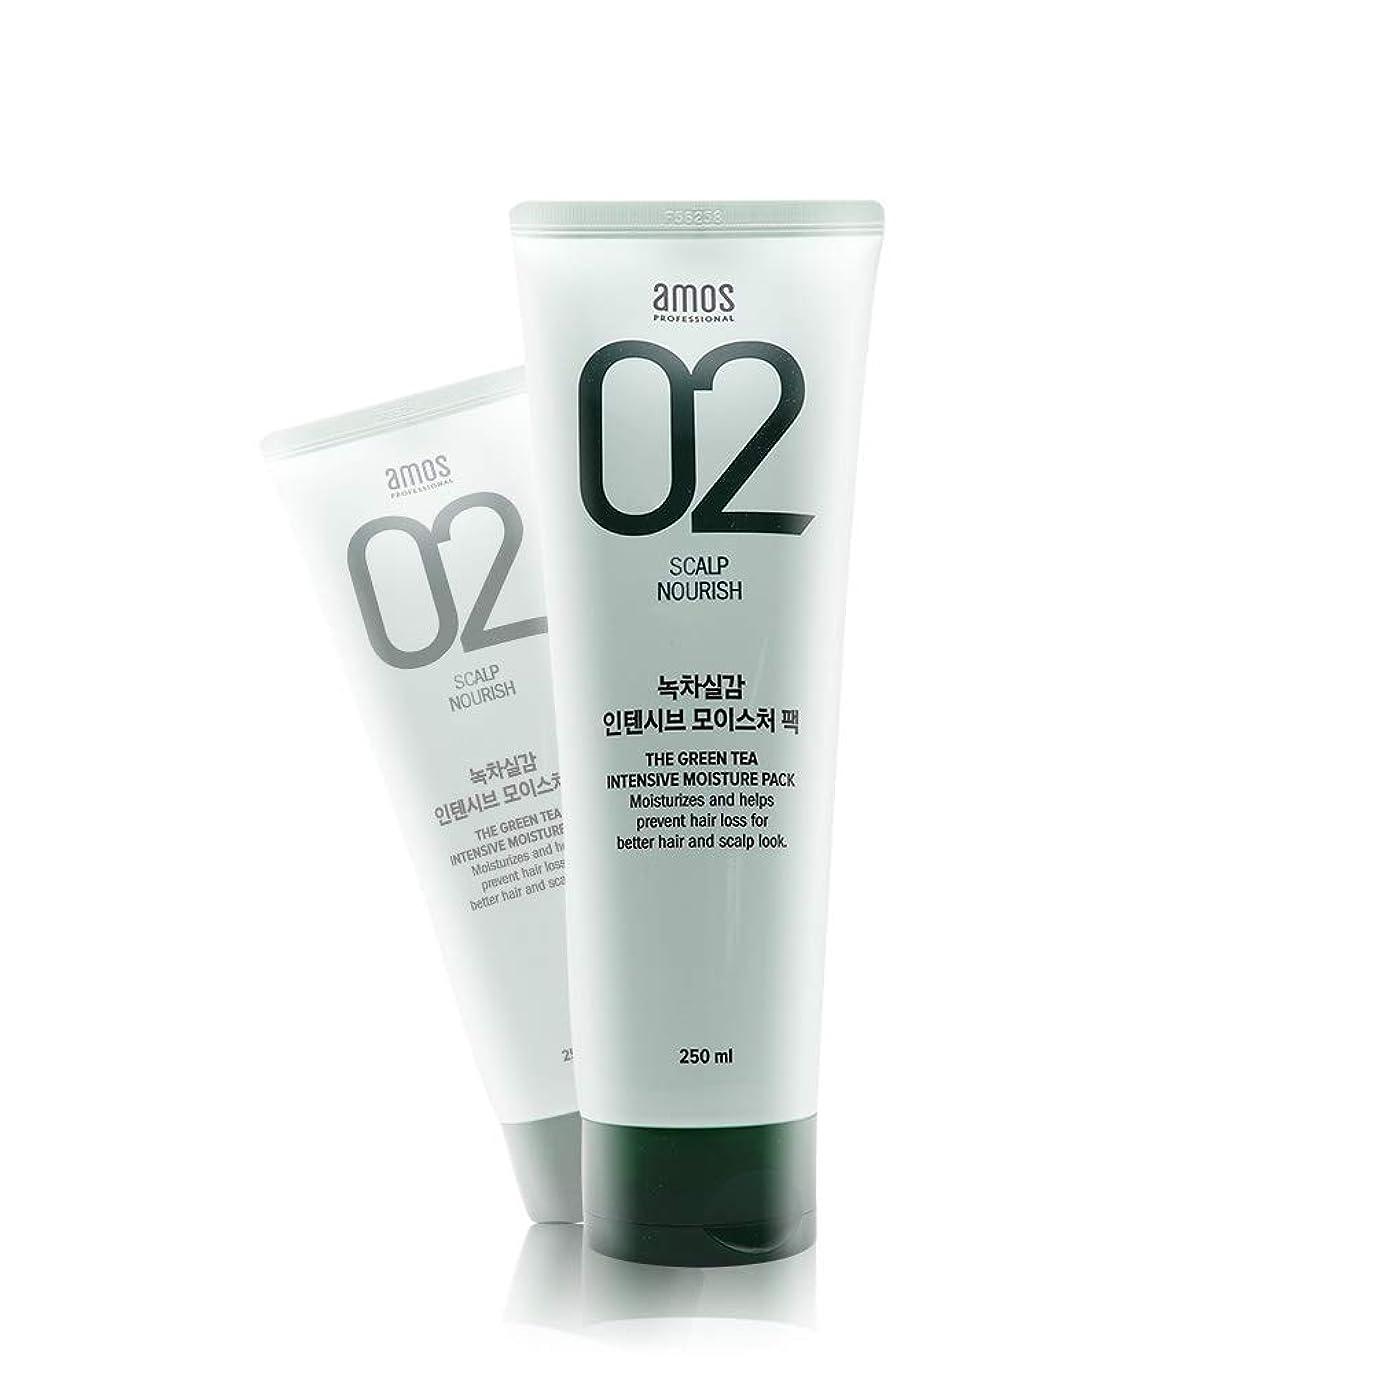 誰か富十分ですアモス AMOS 緑茶実感インテンシブモイスチャーパック 250g, Feel the Green Tea Intensive Moisture Hair Pack